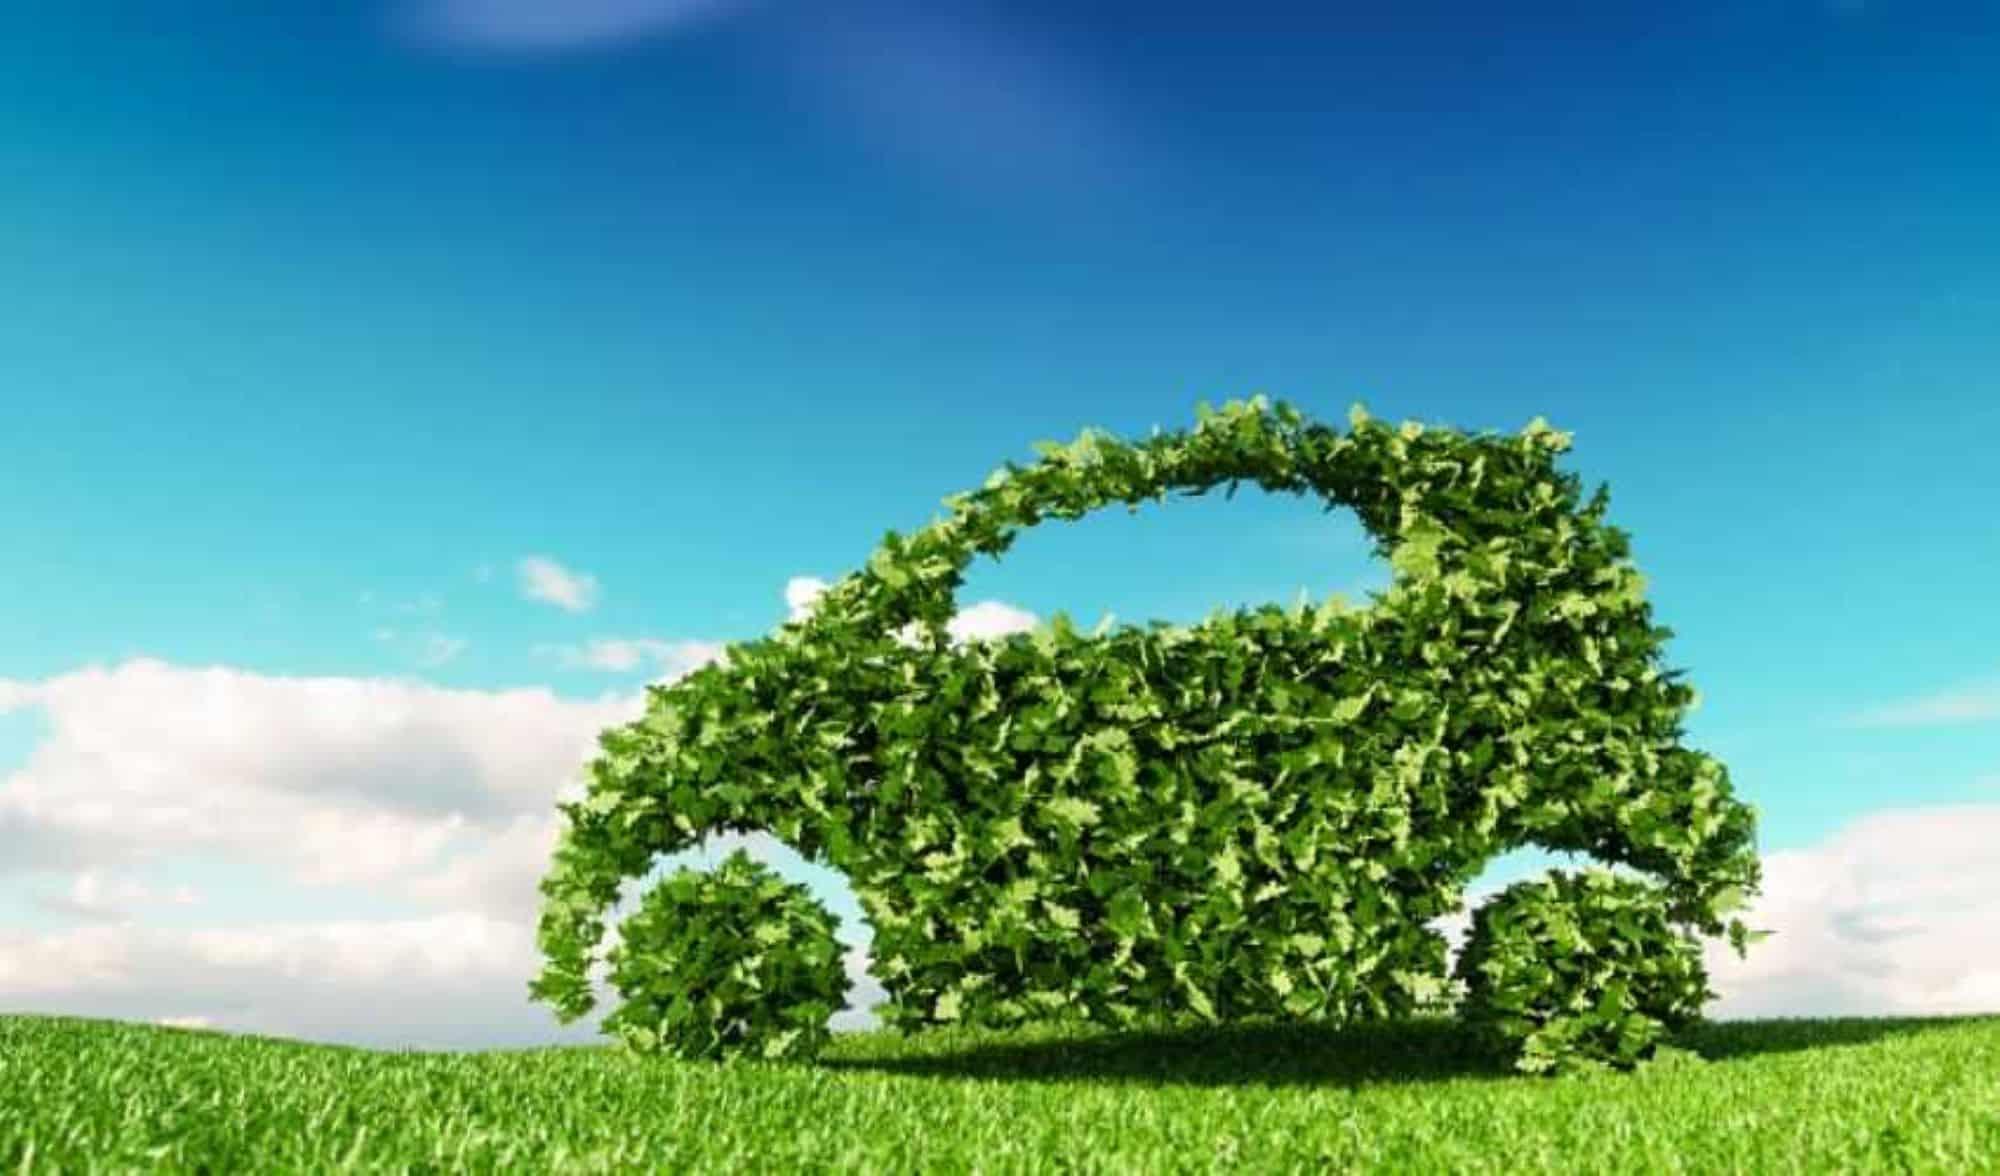 Ecobonus auto, ecco gli incentivi per l'acquisto di veicoli: si riparte domani, tutte le info